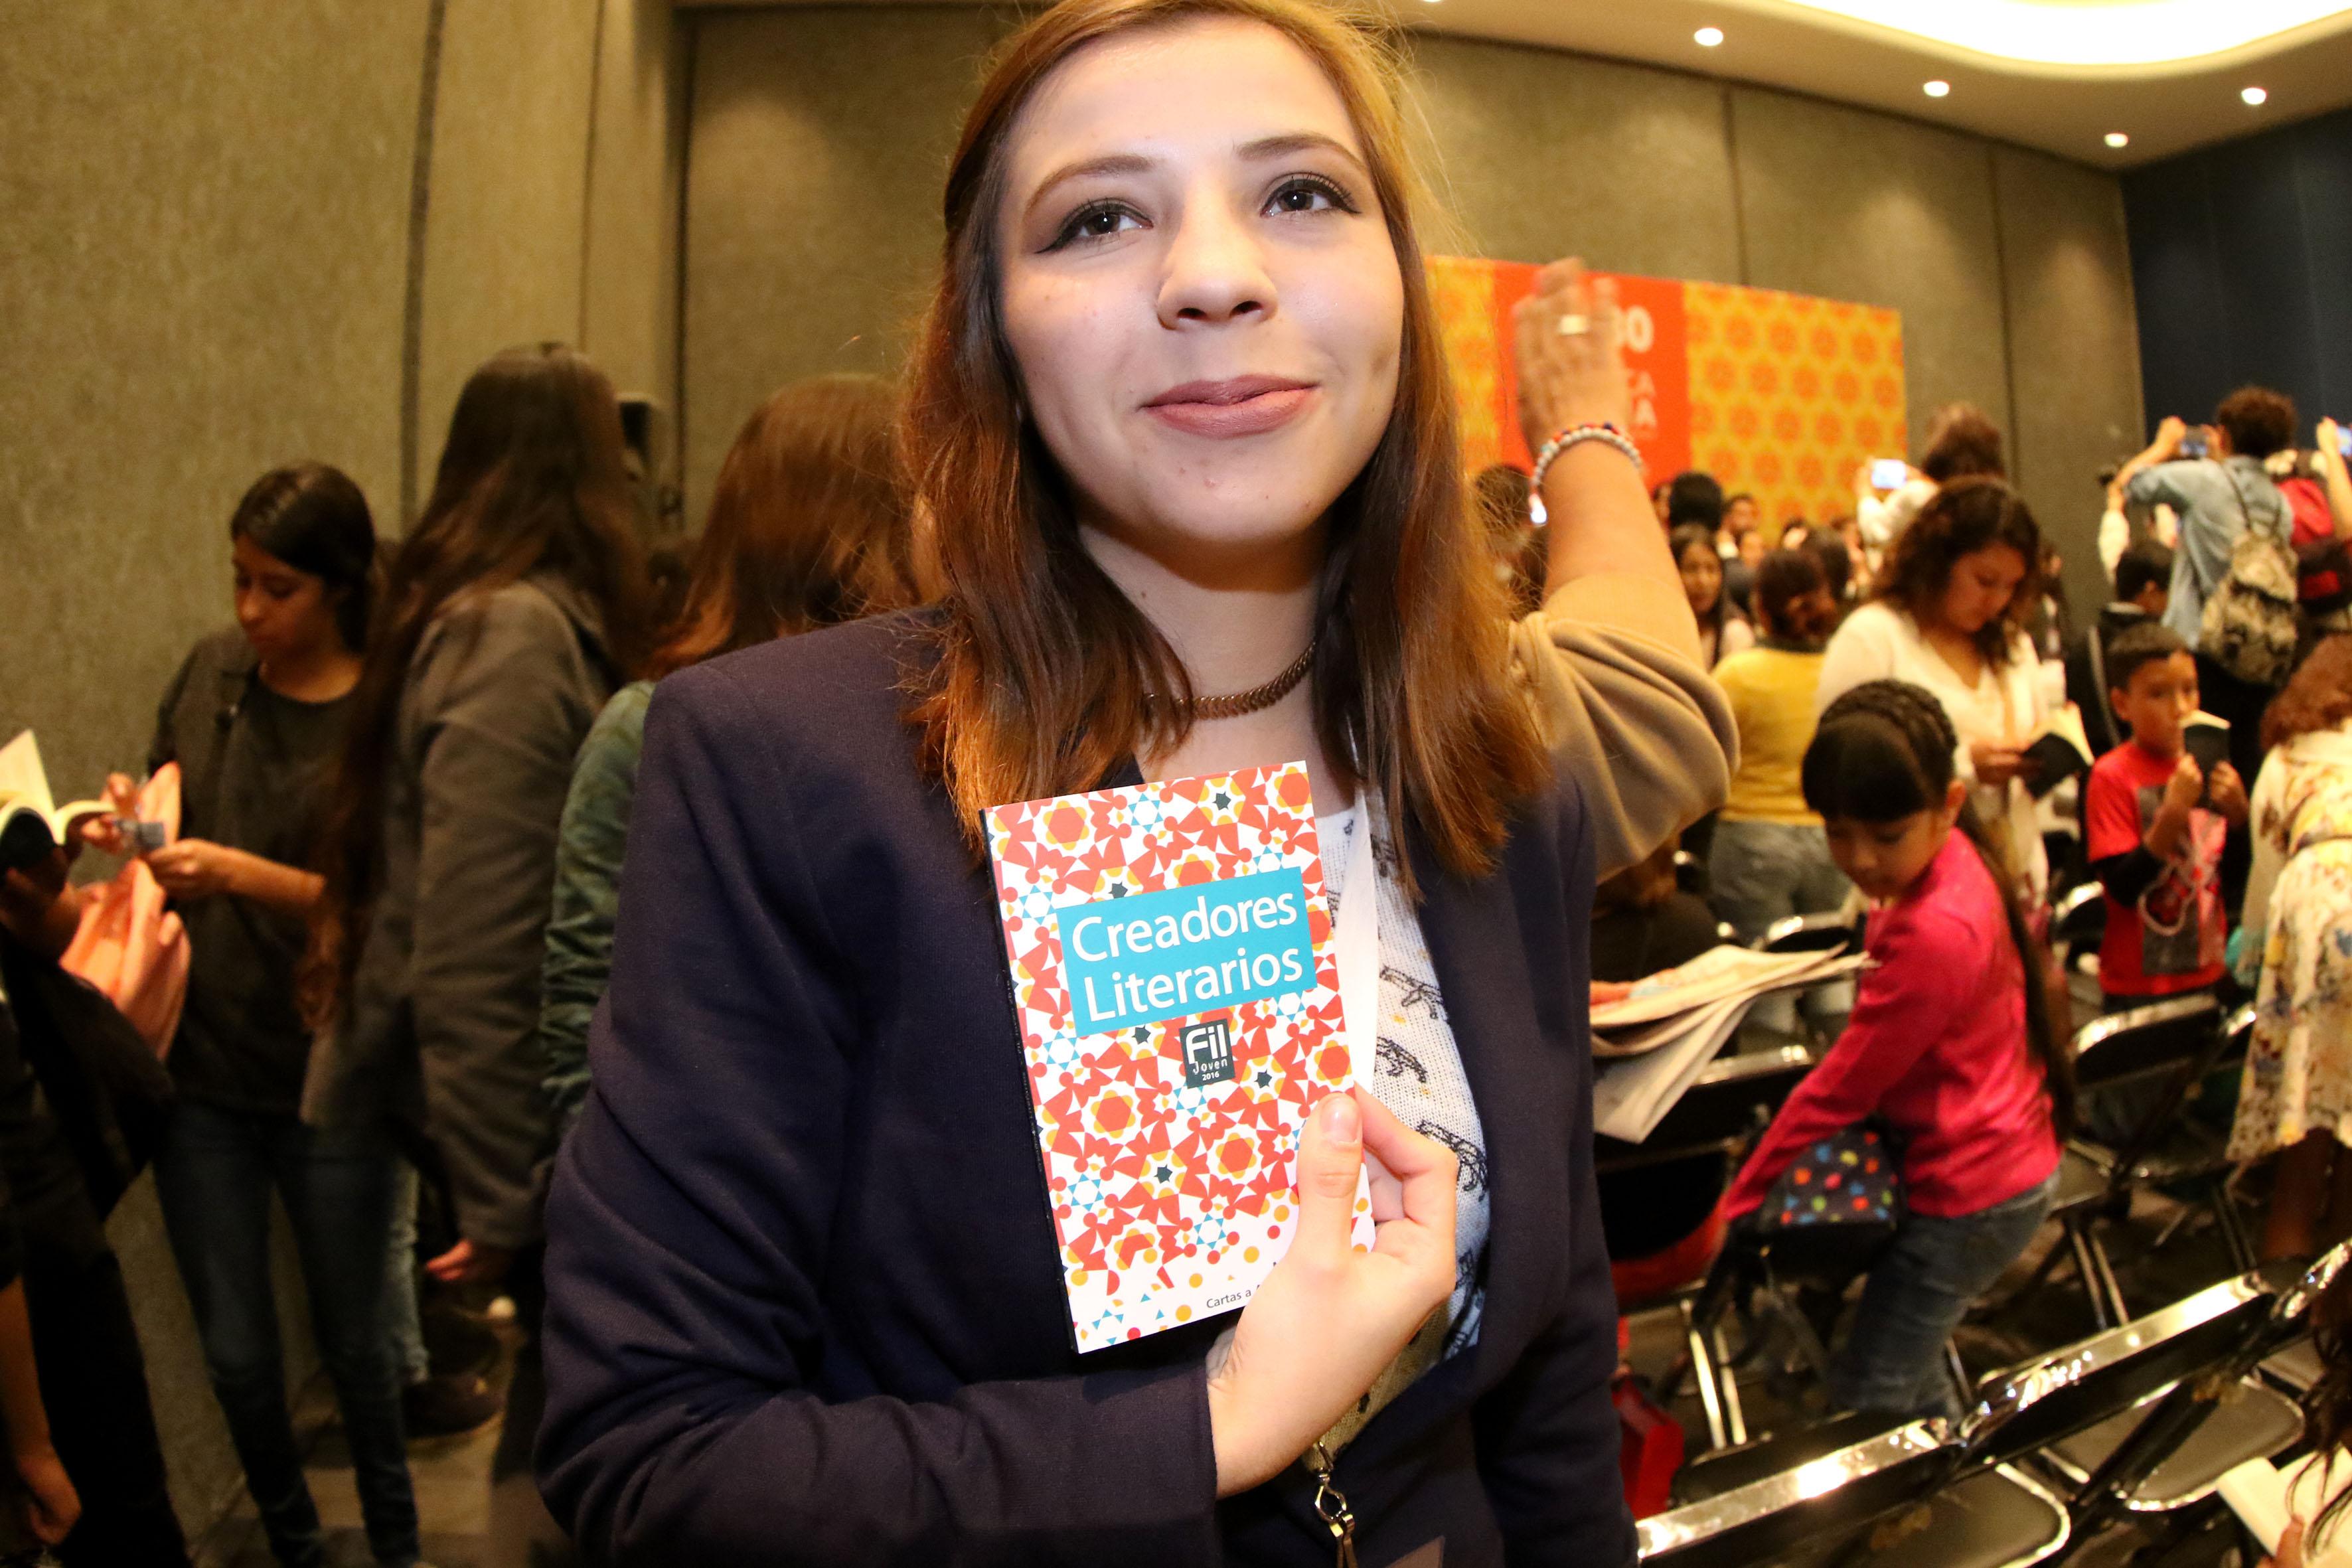 """Estudiante ganadora del concurso """"Creadores Literarios FIL Joven"""", mostrando el libro editado en la que se presenta las obras de los ganadores."""